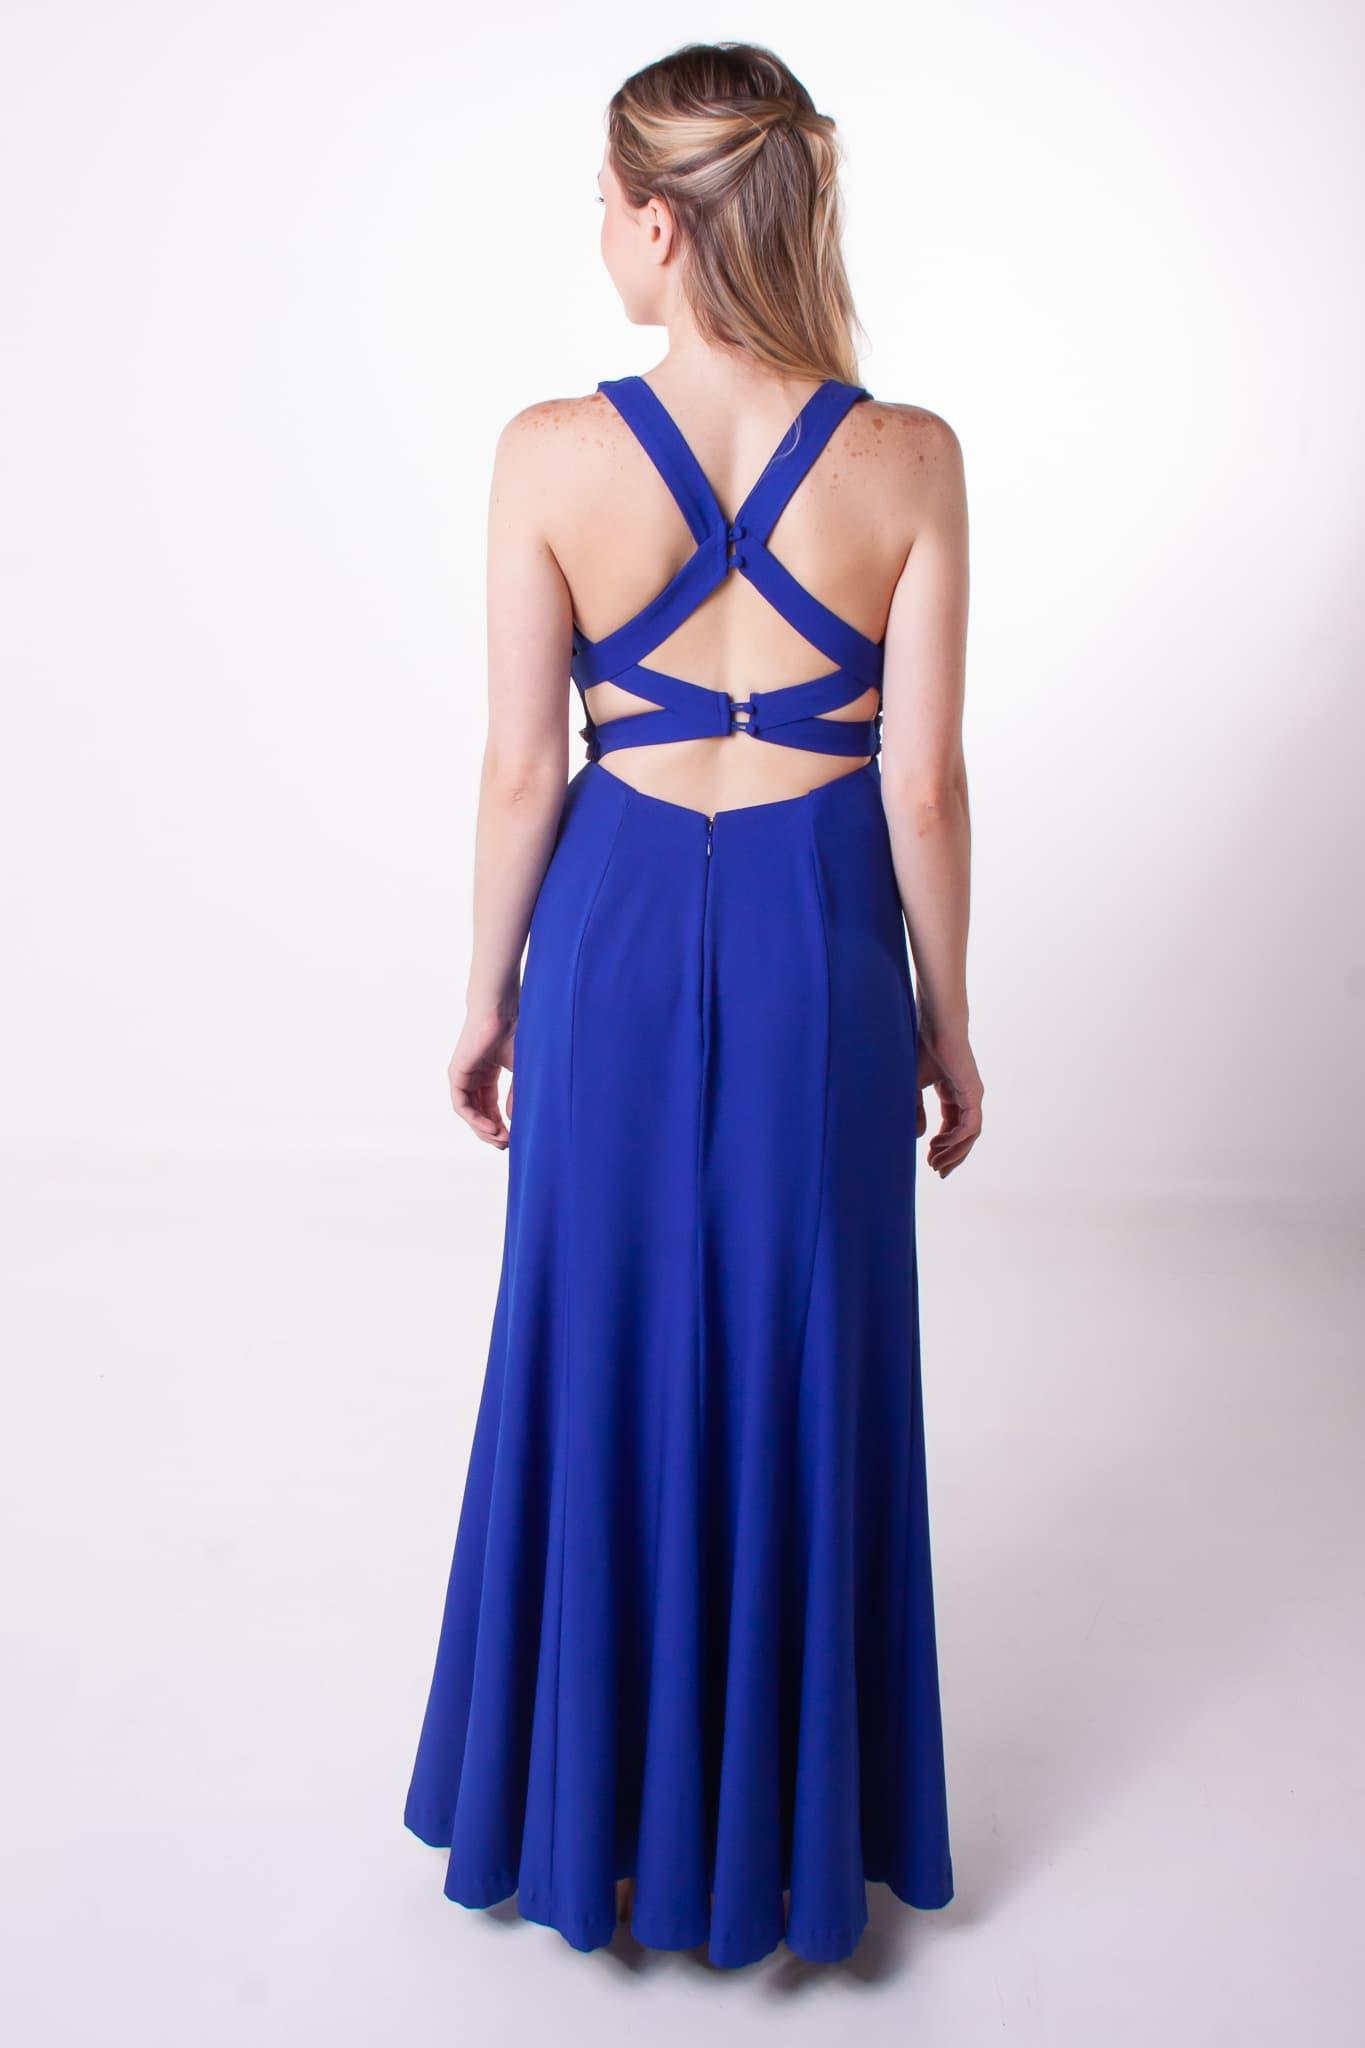 70 - Vestido azul royal com detalhe nas costas